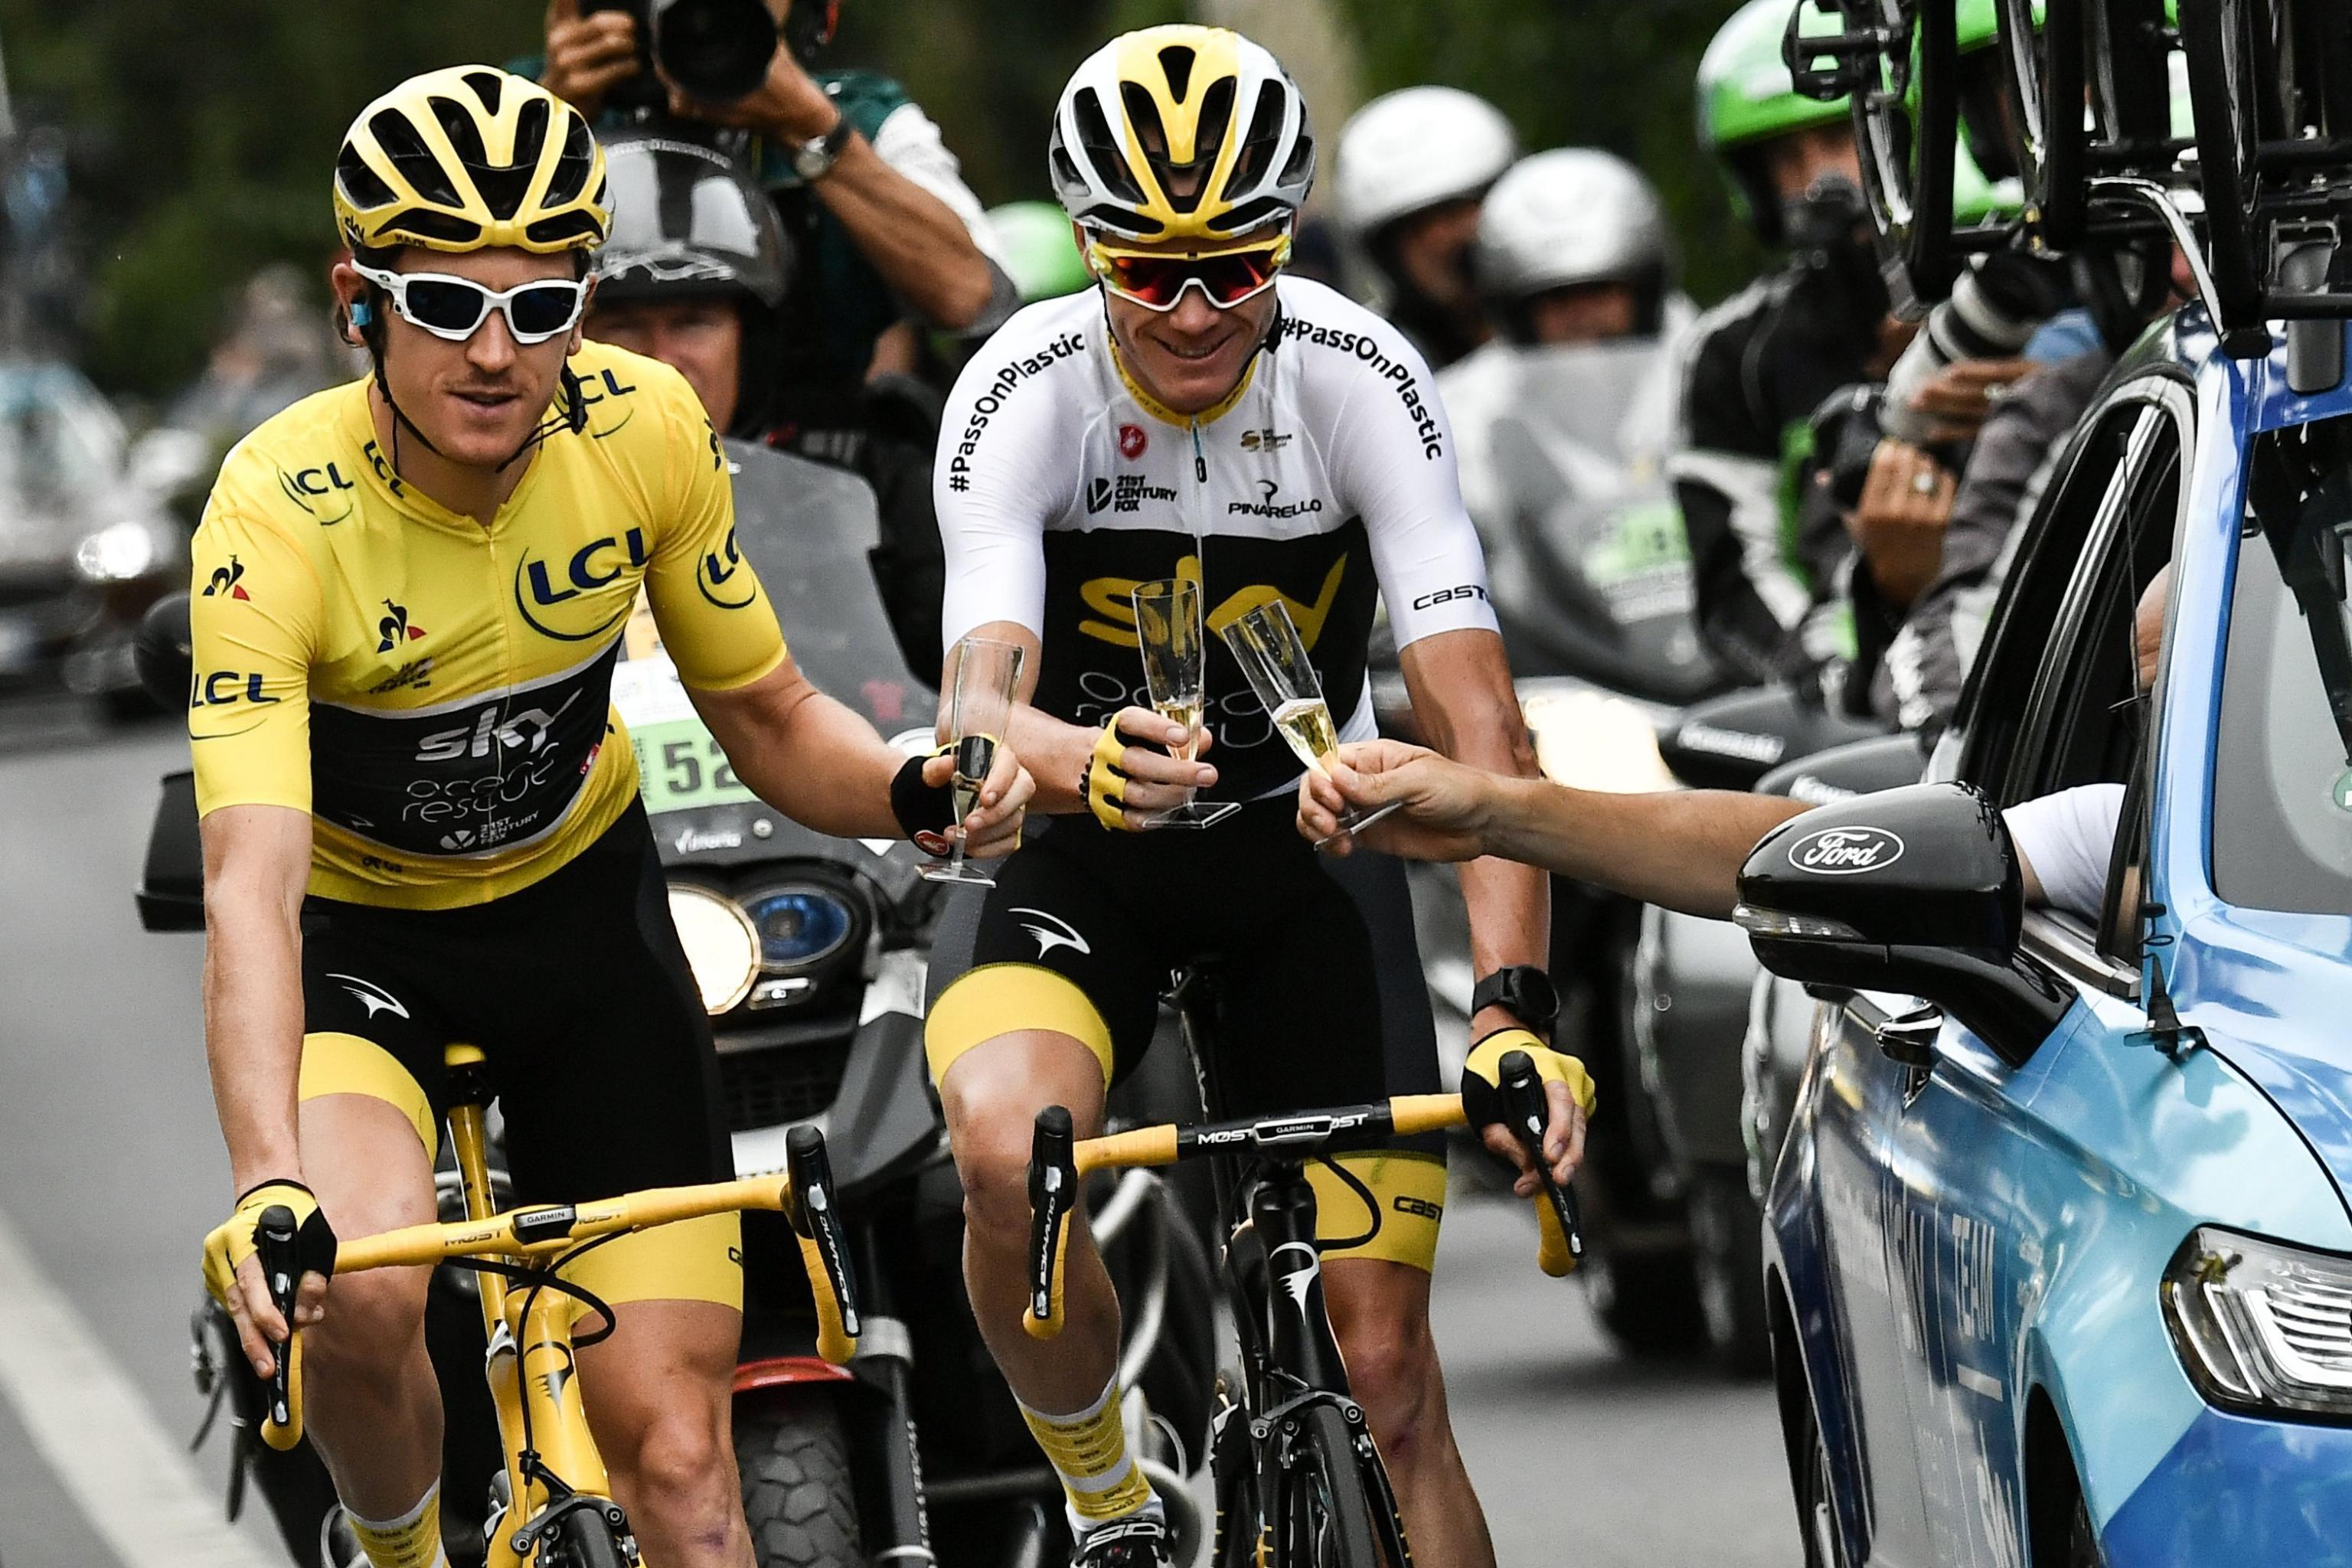 Tour de France 2018 Prize Money: Purse Payout Distribution